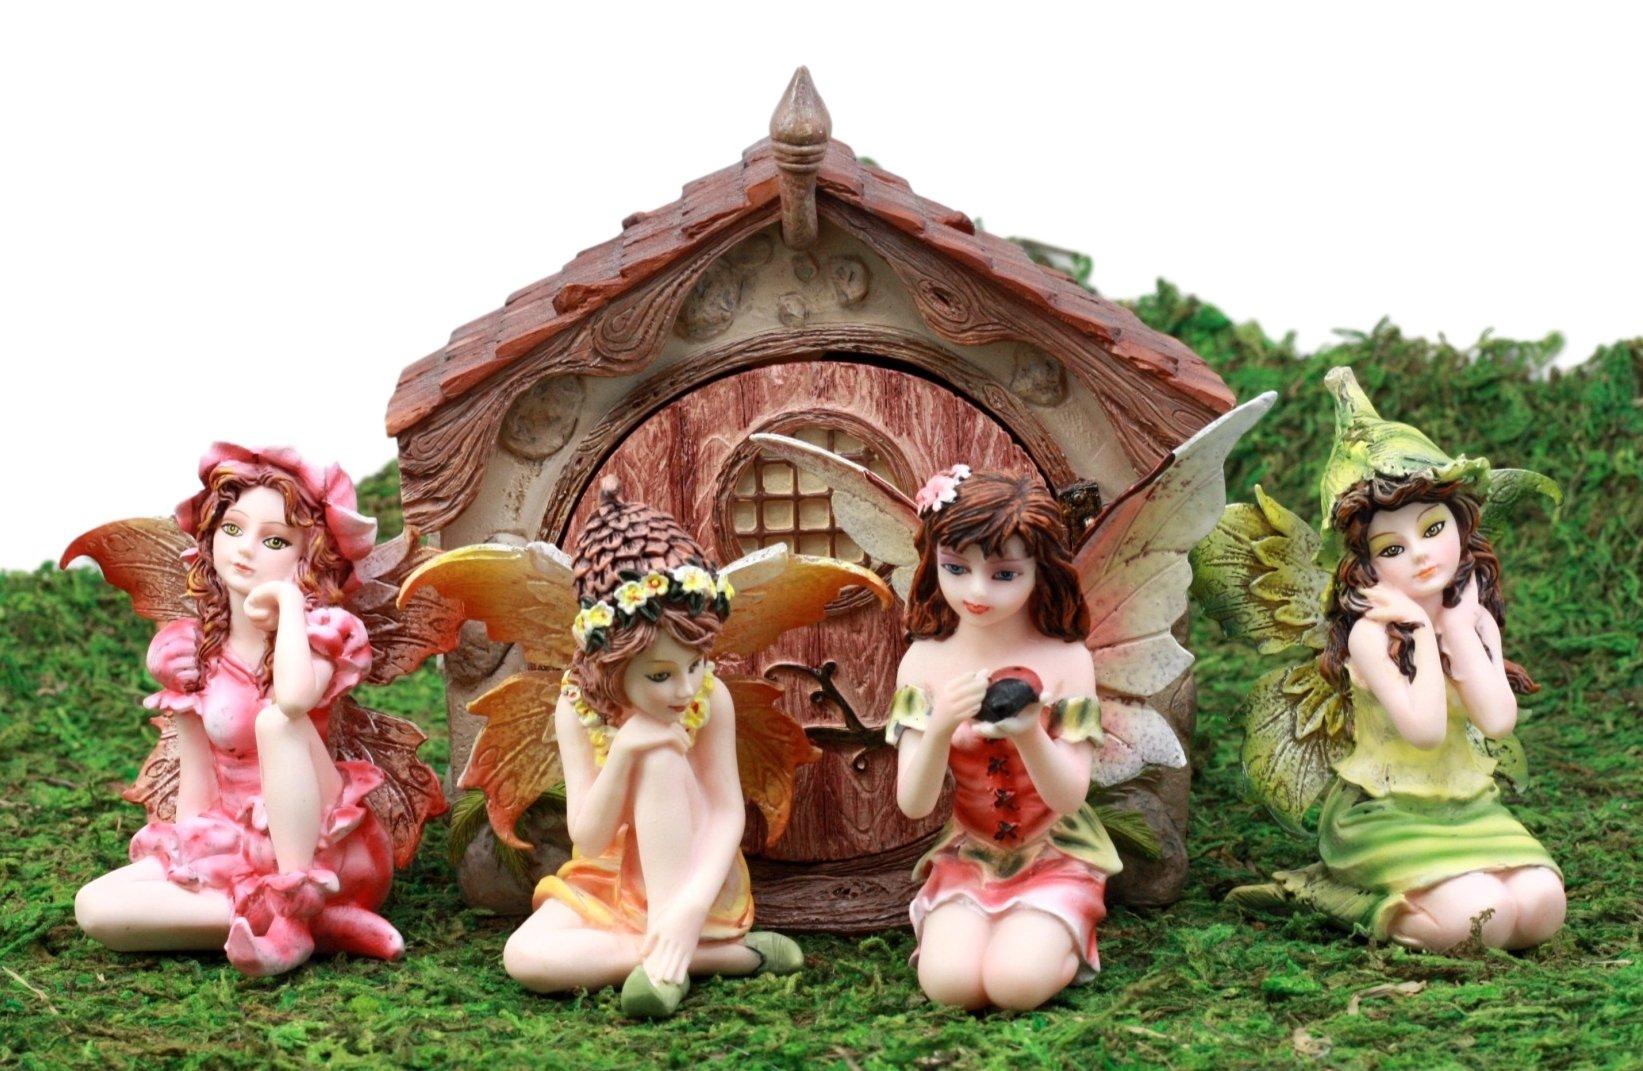 Ebros regalo encantado hada jardín miniaturas Starter Kit Casa de Paseo con mini figuras de hadas hacer usted mismo ideas para su hogar: Amazon.es: Juguetes y juegos